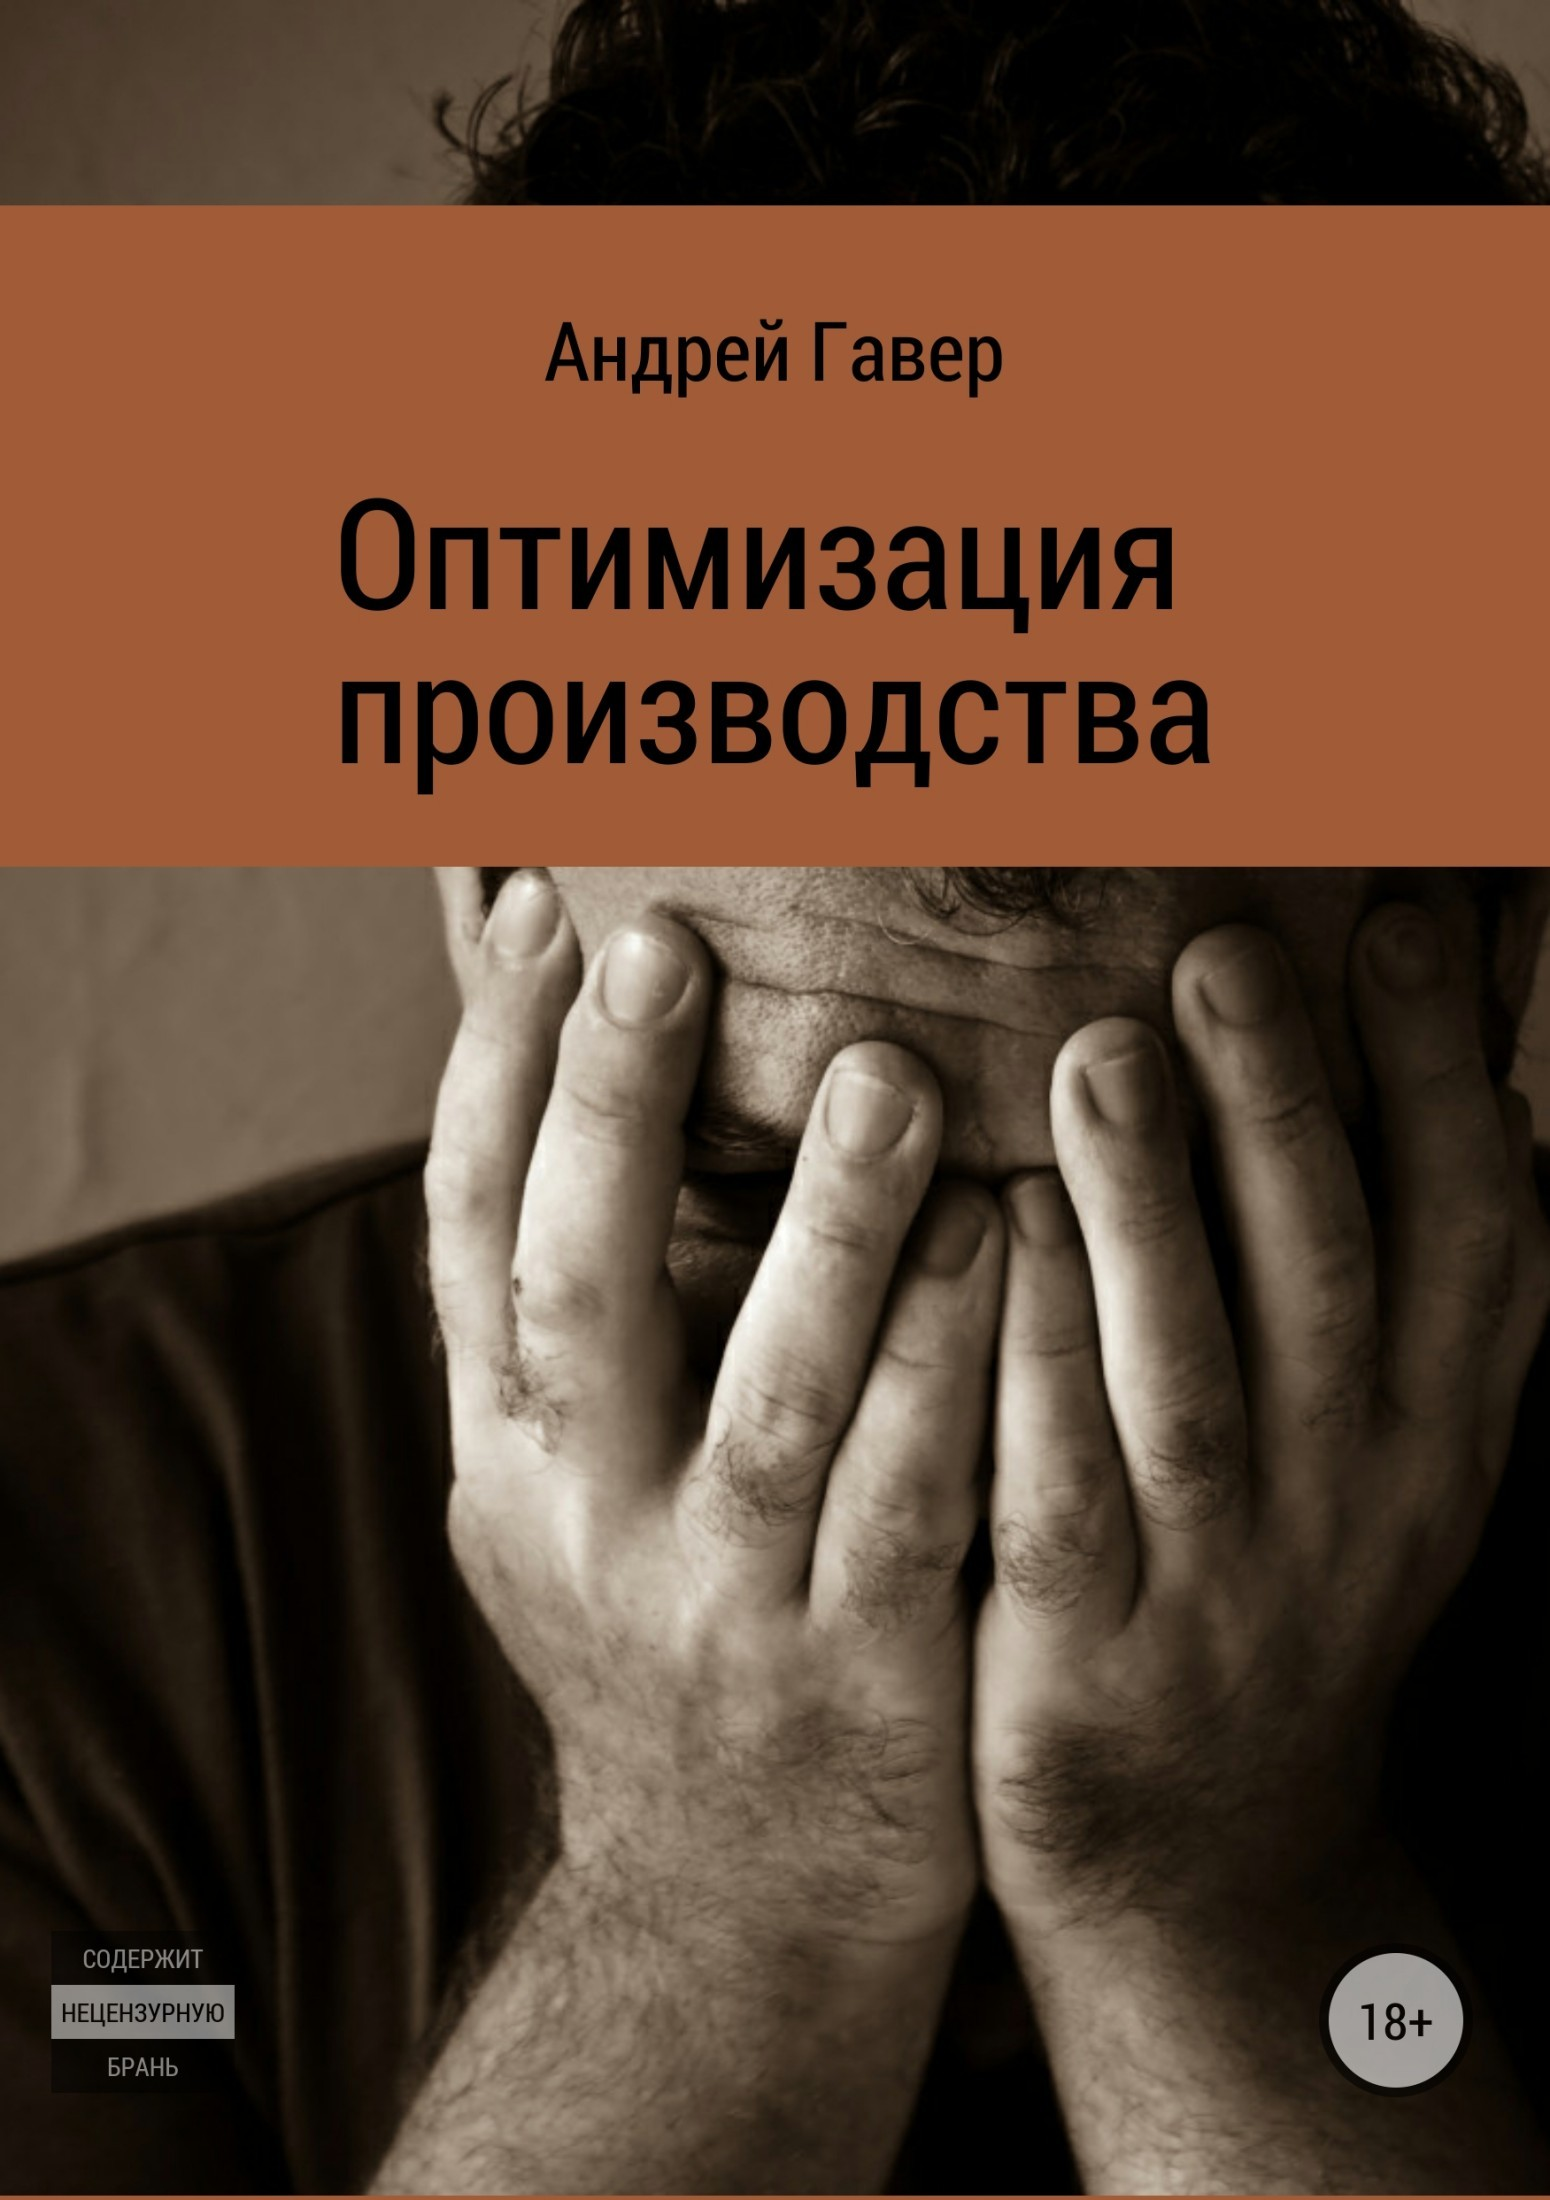 Обложка книги Оптимизация производства, автор Андрей Михайлович Гавер